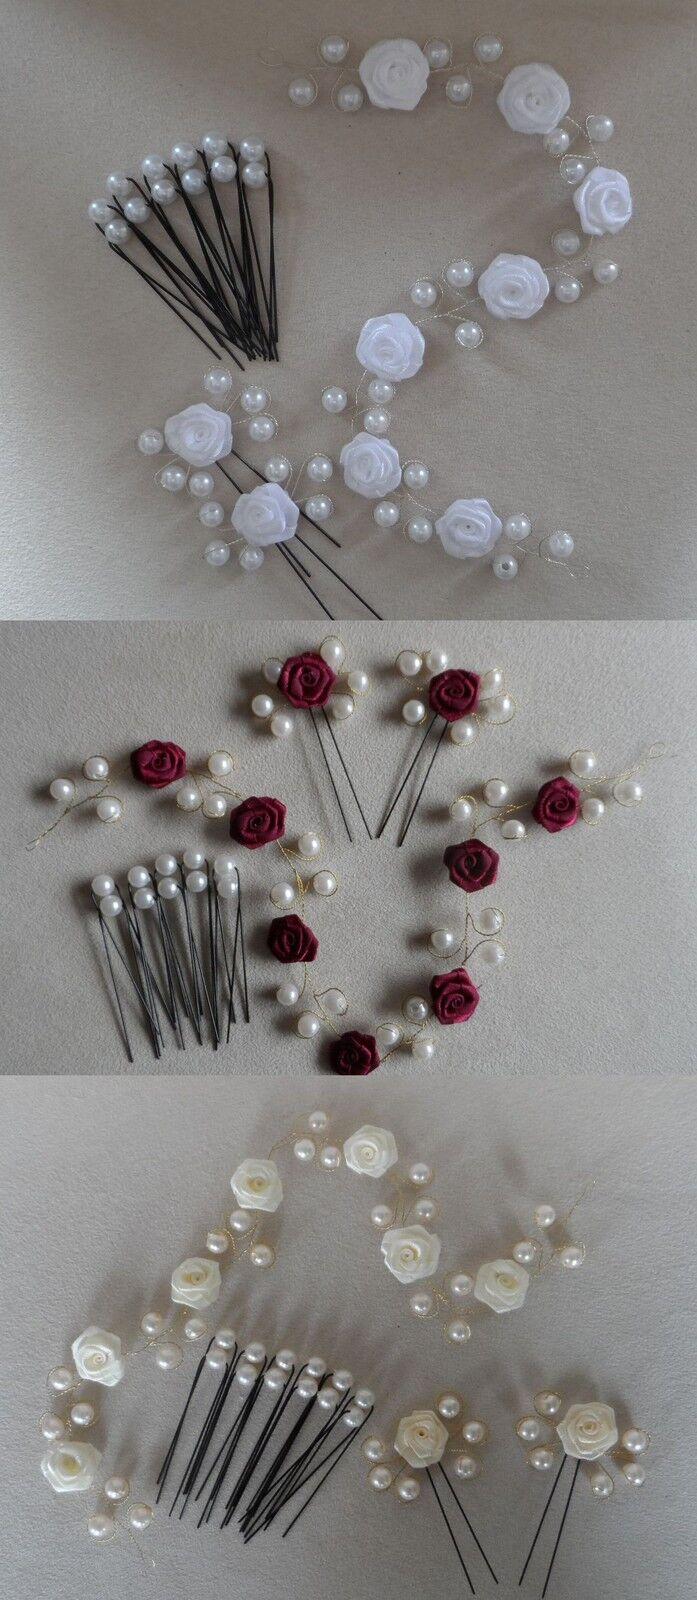 Haarschmuck Braut Kopfschmuck  Haardraht Haarranke Hochzeit Rosen Perlen 15 Tlg.